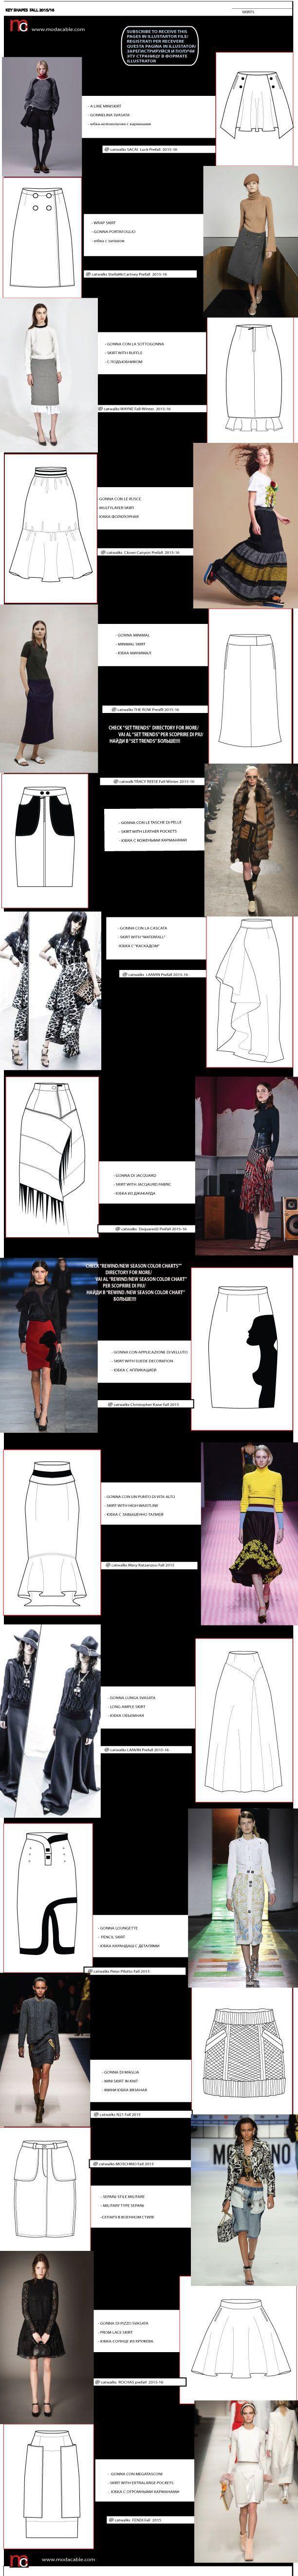 Юбки бывают разные (трафик) / Детали / Своими руками - выкройки, переделка одежды, декор интерьера своими руками - от ВТОРАЯ УЛИЦА